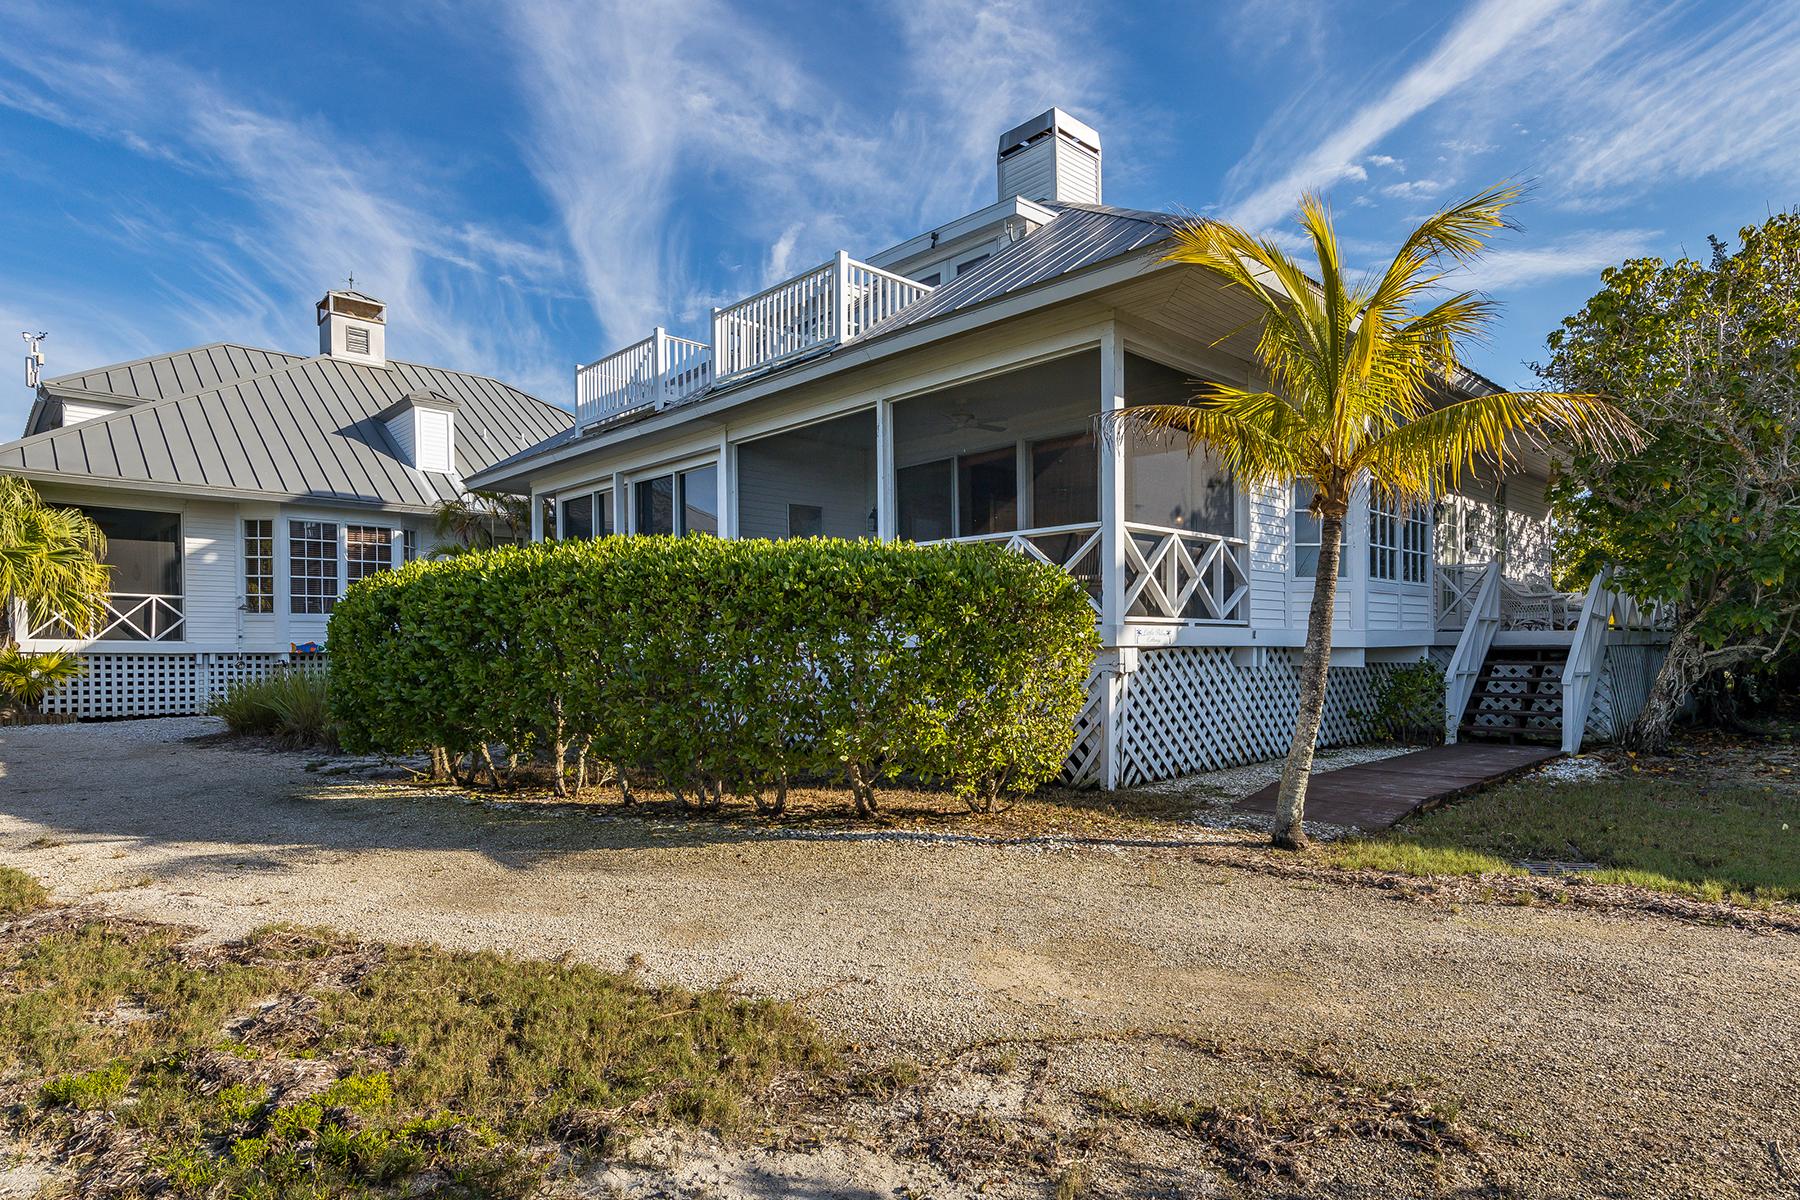 Single Family Homes için Satış at 520 Useppa Island, Useppa Island, Florida 33924 Amerika Birleşik Devletleri